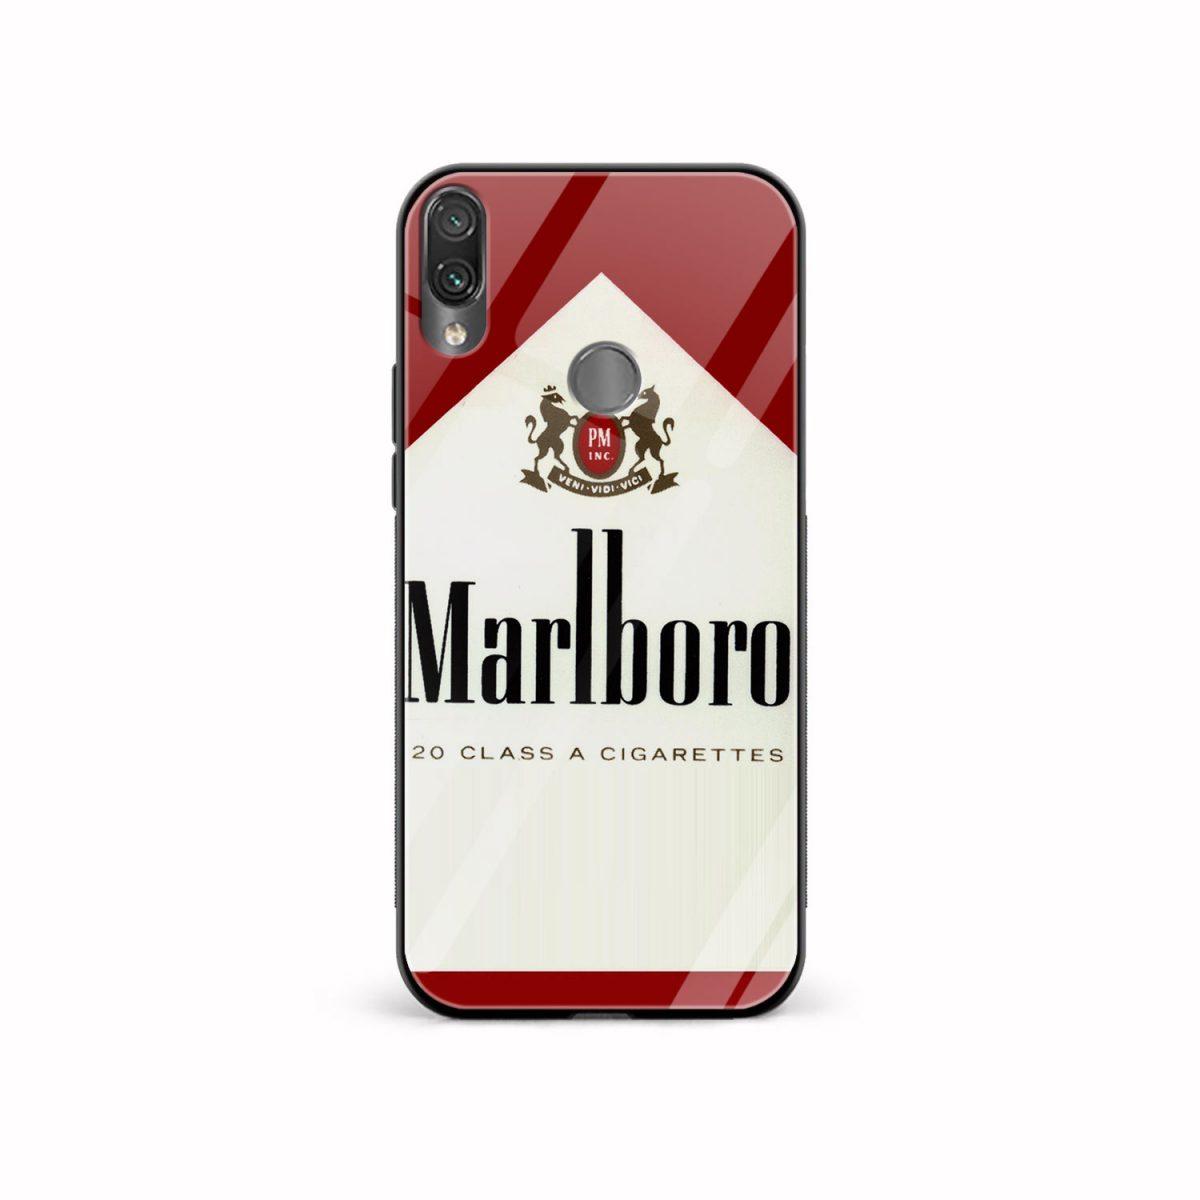 marlboro cigarette custom redmi note7 mobile cover front view 1